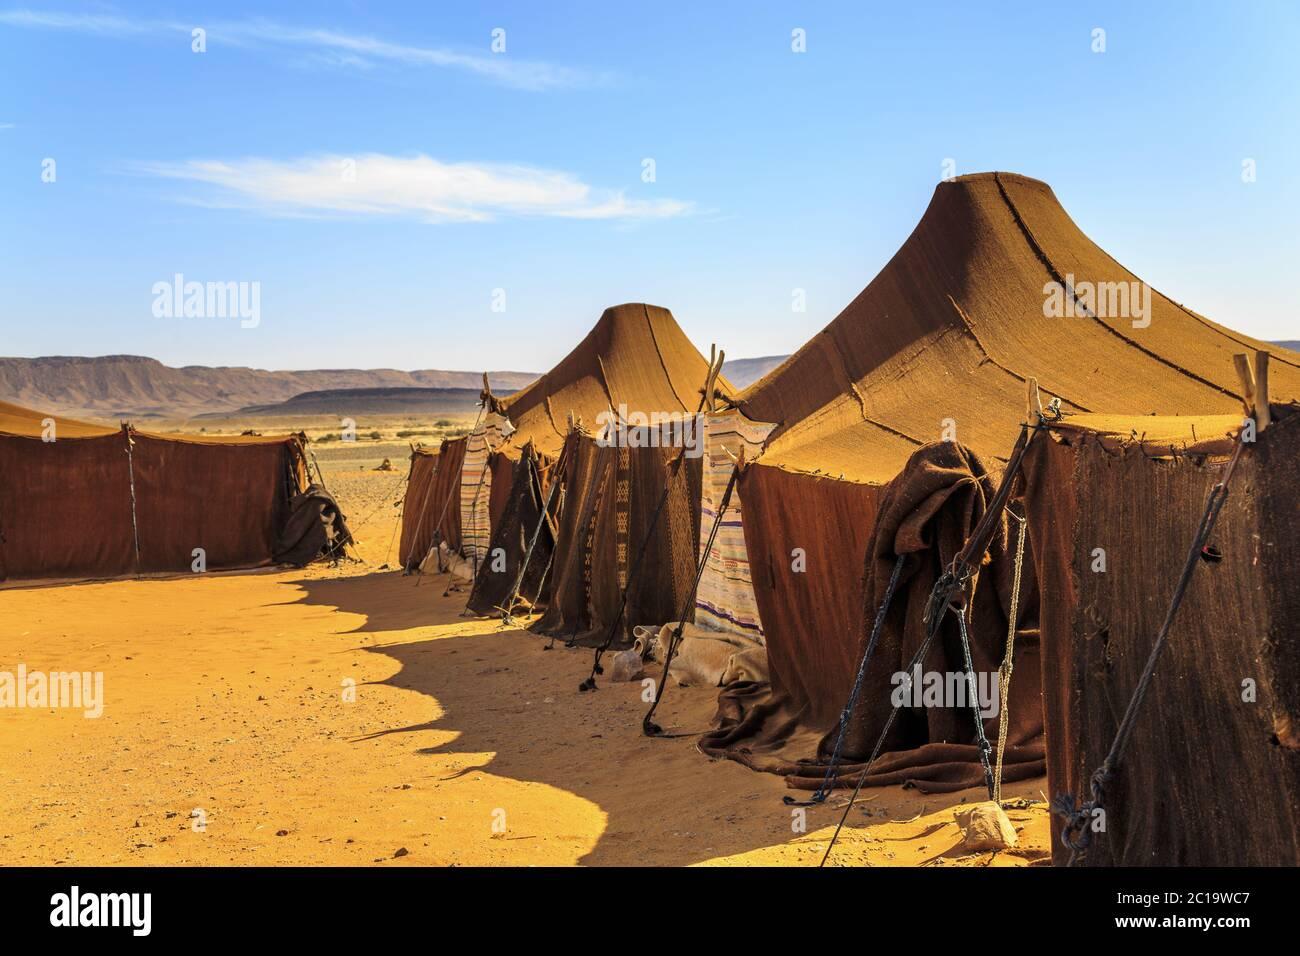 Tiendas en medio del desierto con montañas en el fondo, en un día soleado Foto de stock